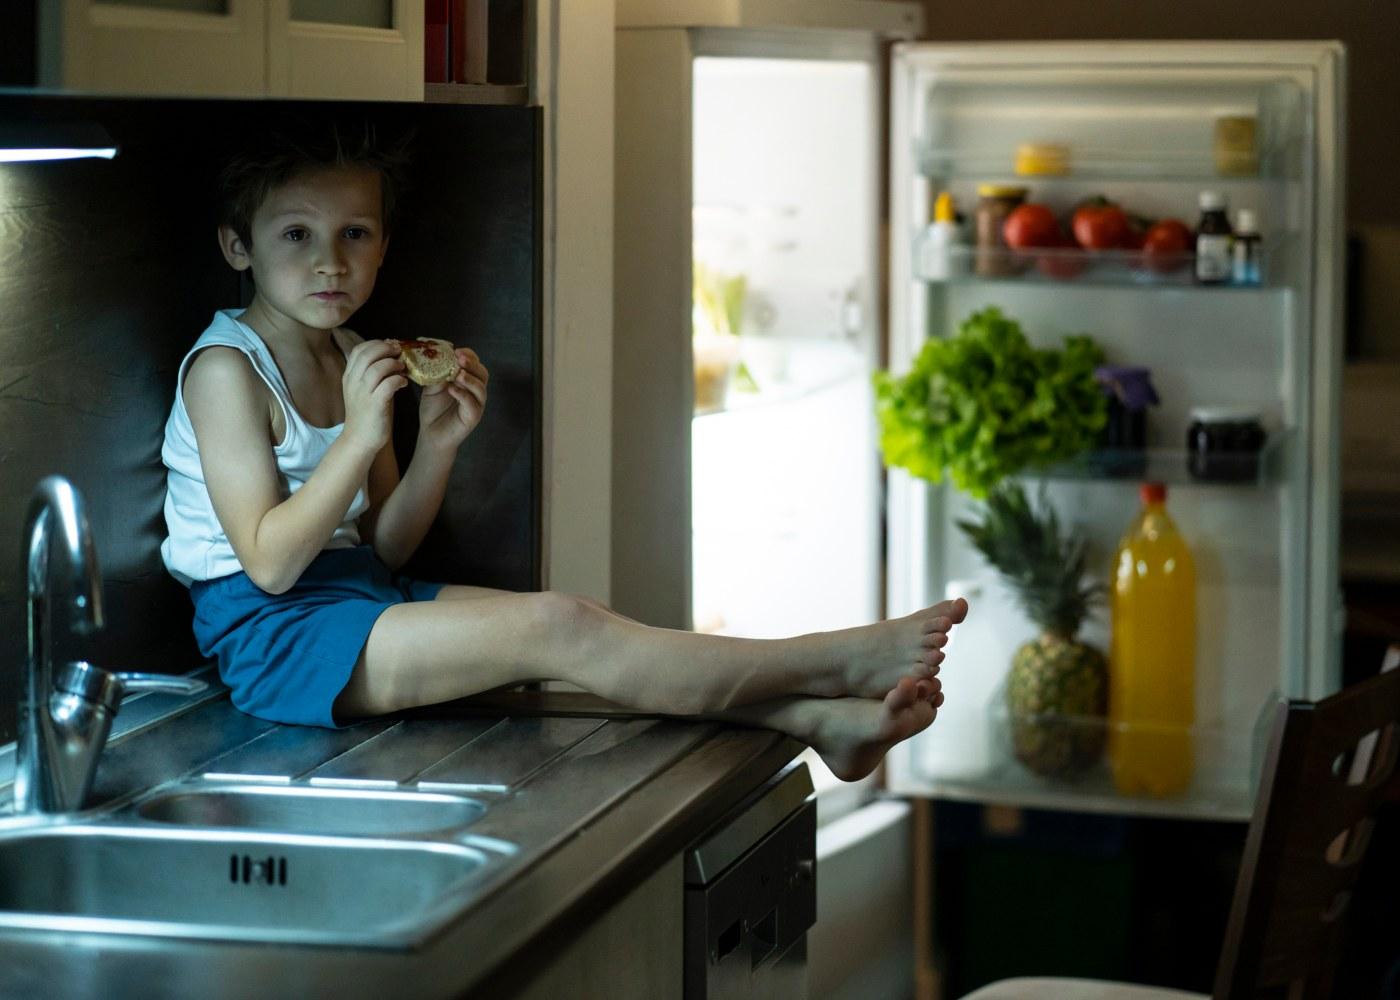 Criança a comer junto ao frigorífico